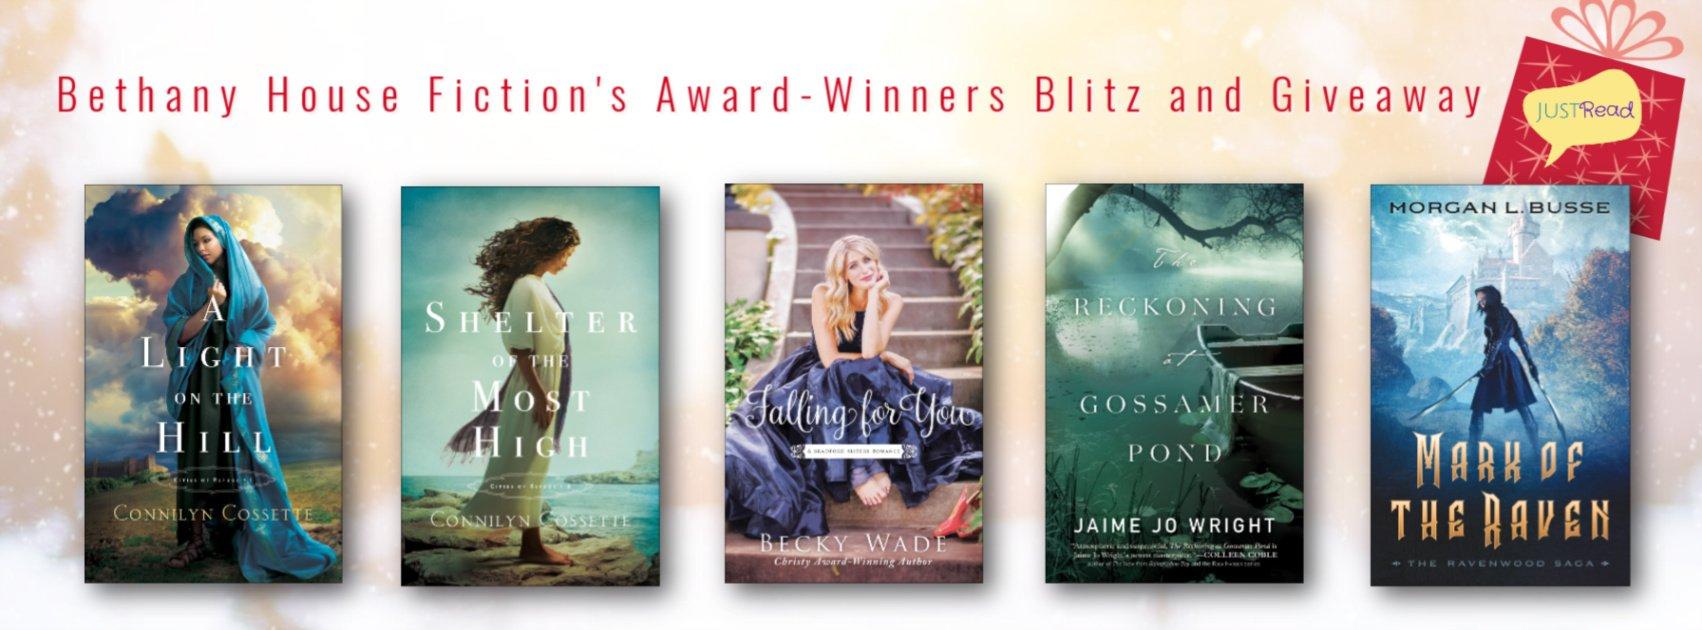 Bethany House Fiction's Award-Winners Blitz